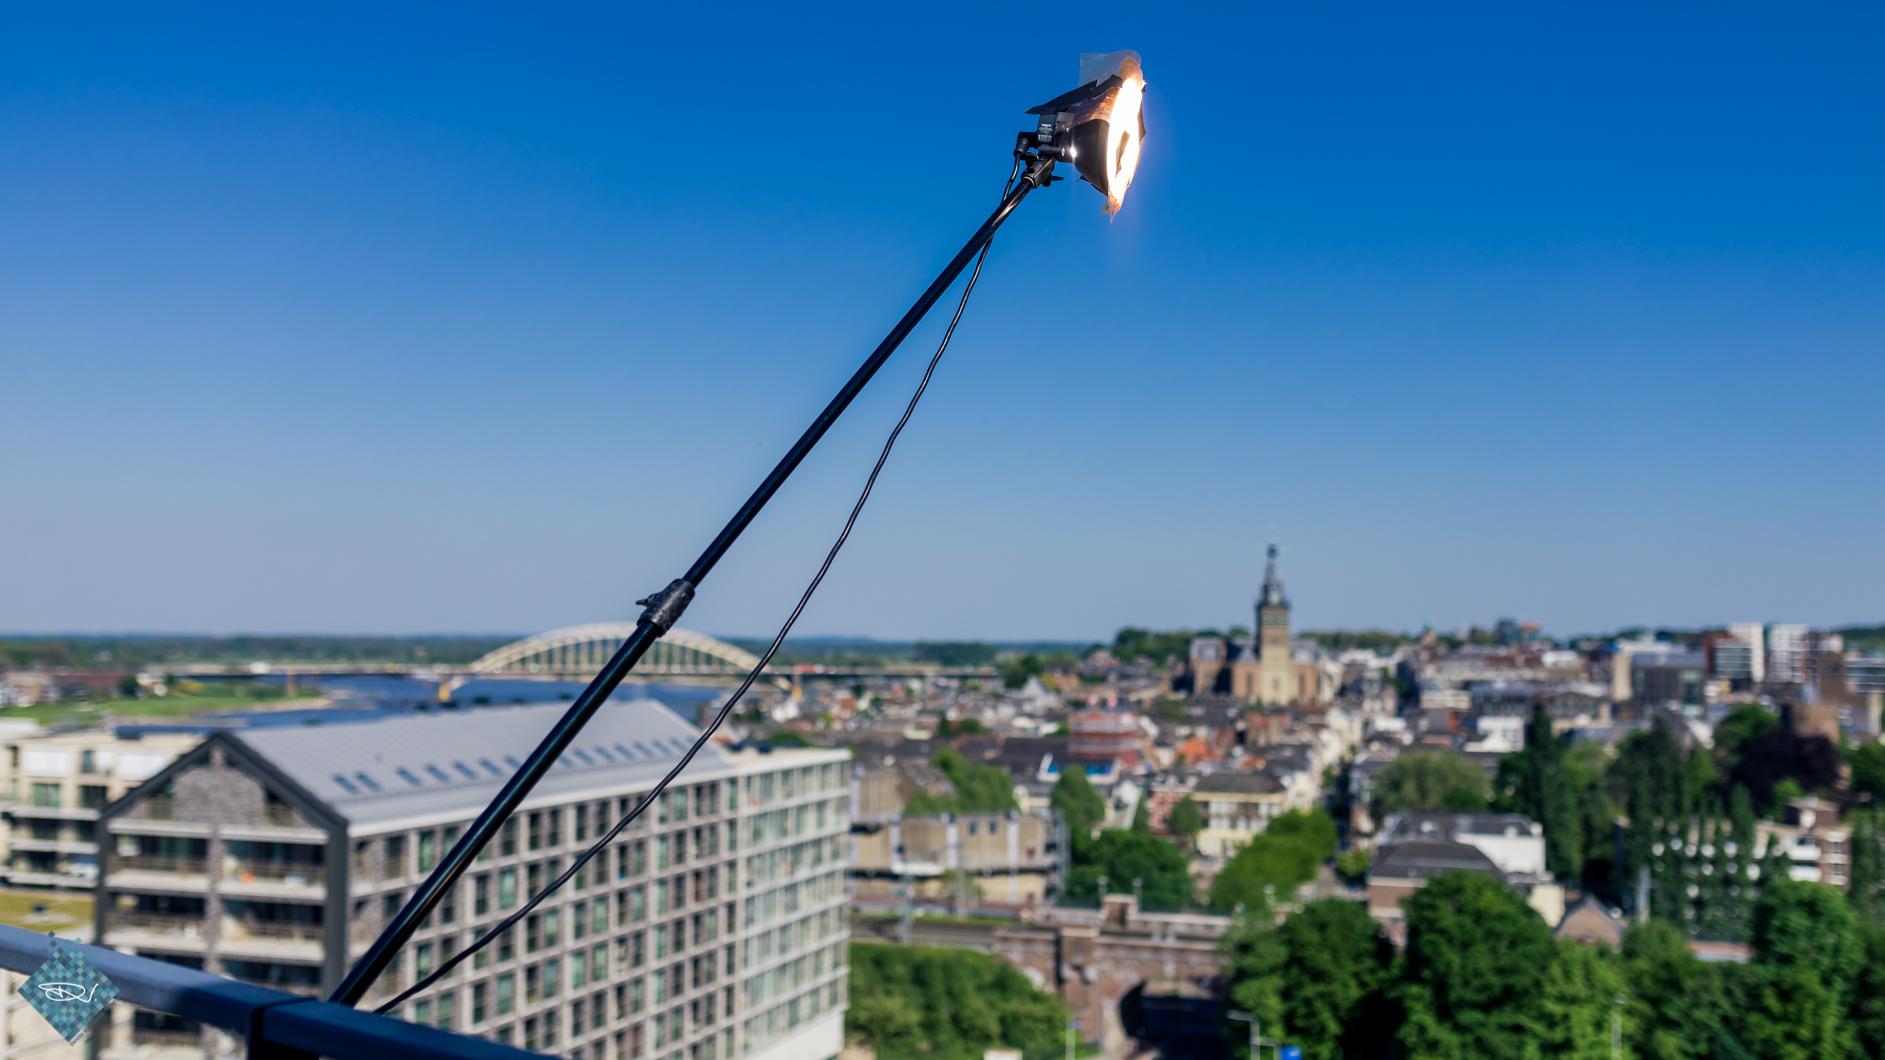 Mijn Elinchrom ELB400 hing hoog boven Nijmegen...